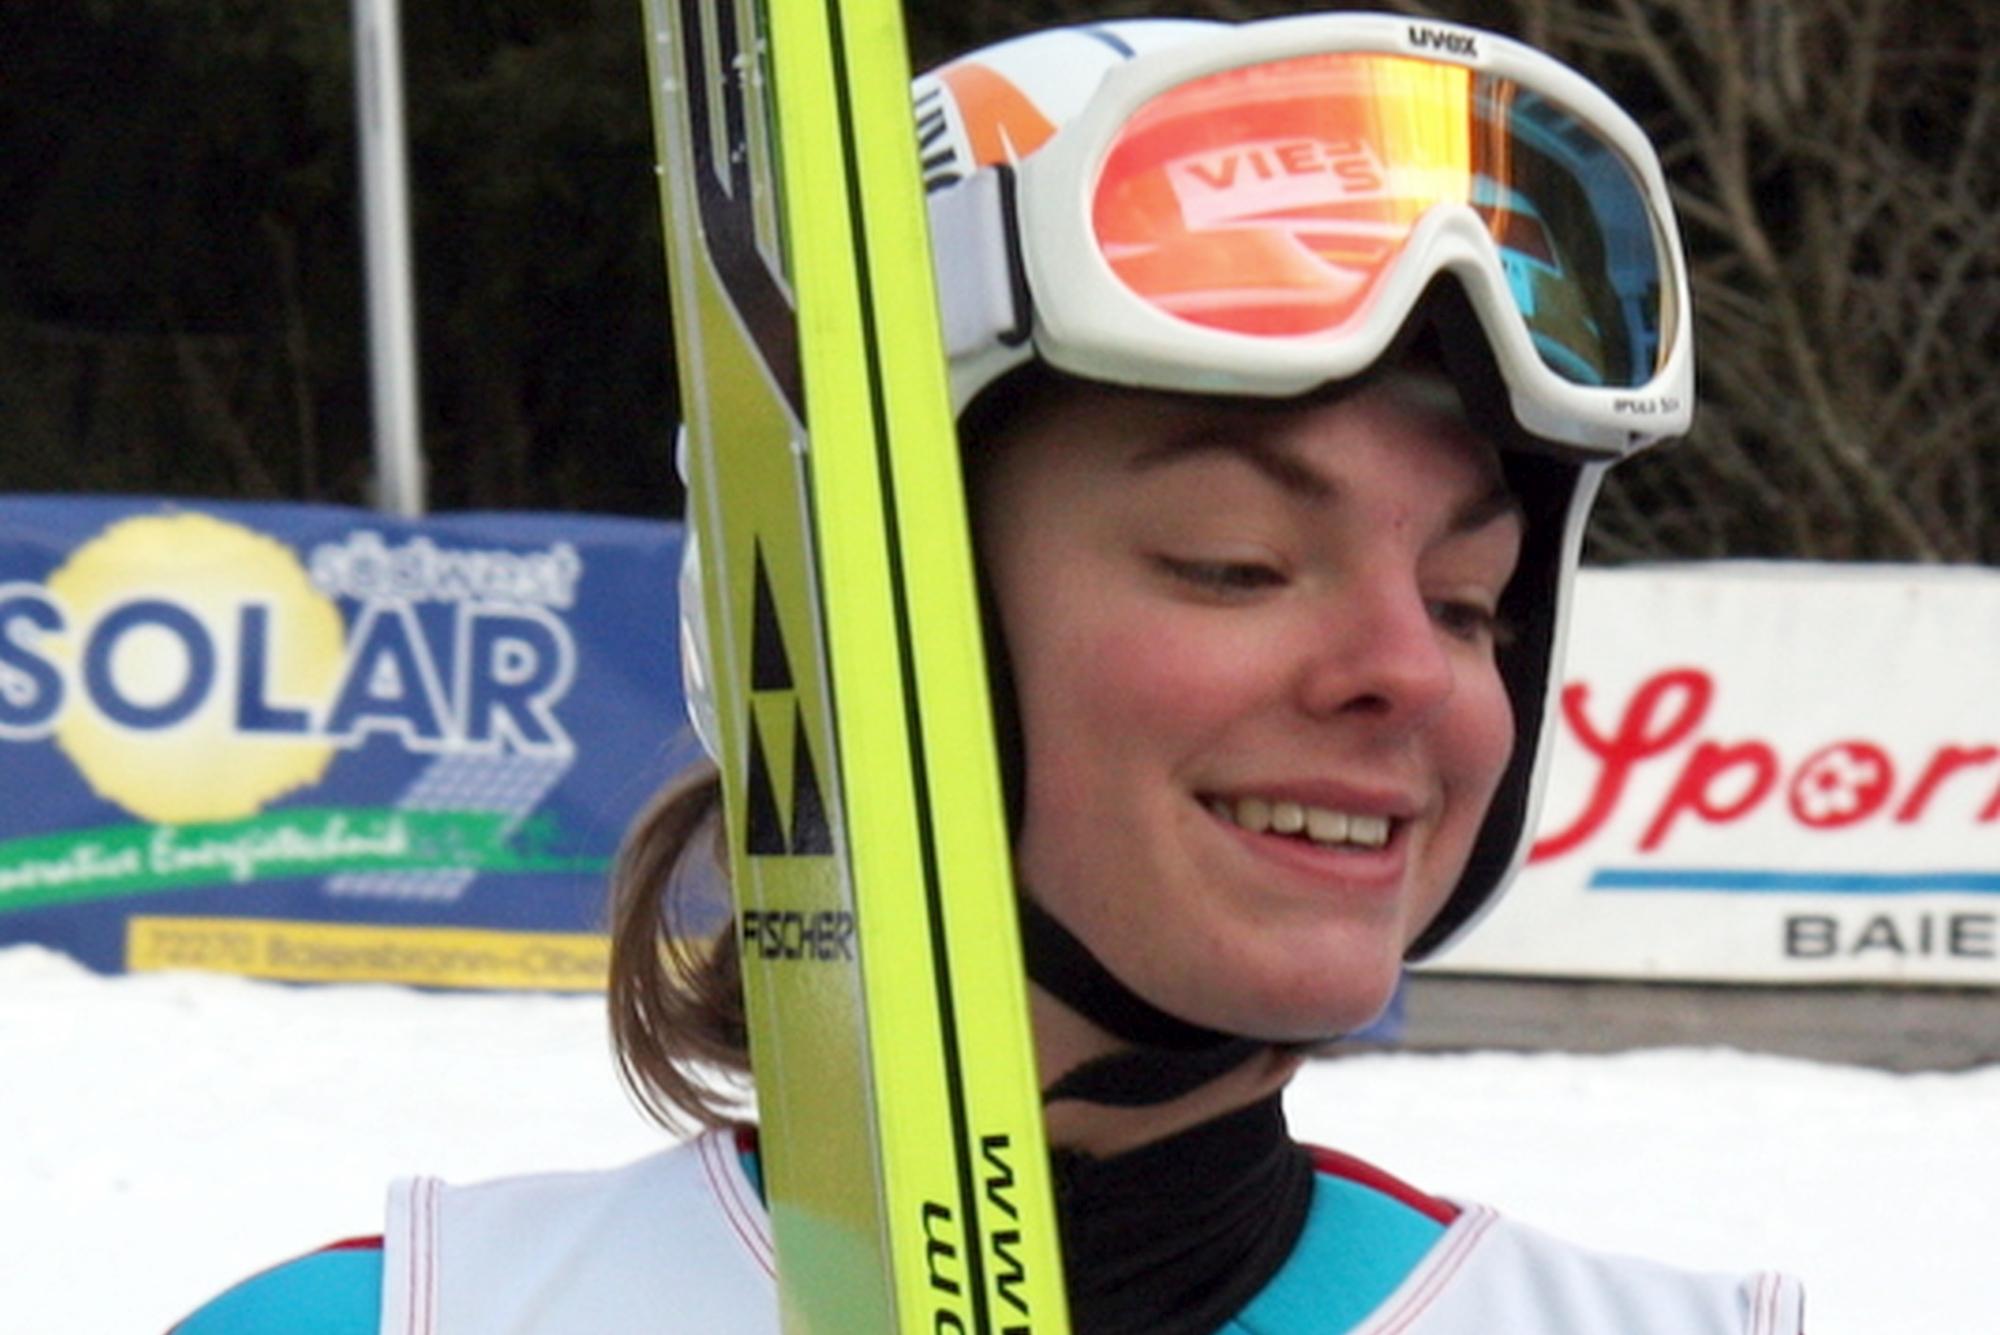 Magdalena Schnurr fotJeses2 - NIEMCY (byłe skoczkinie)